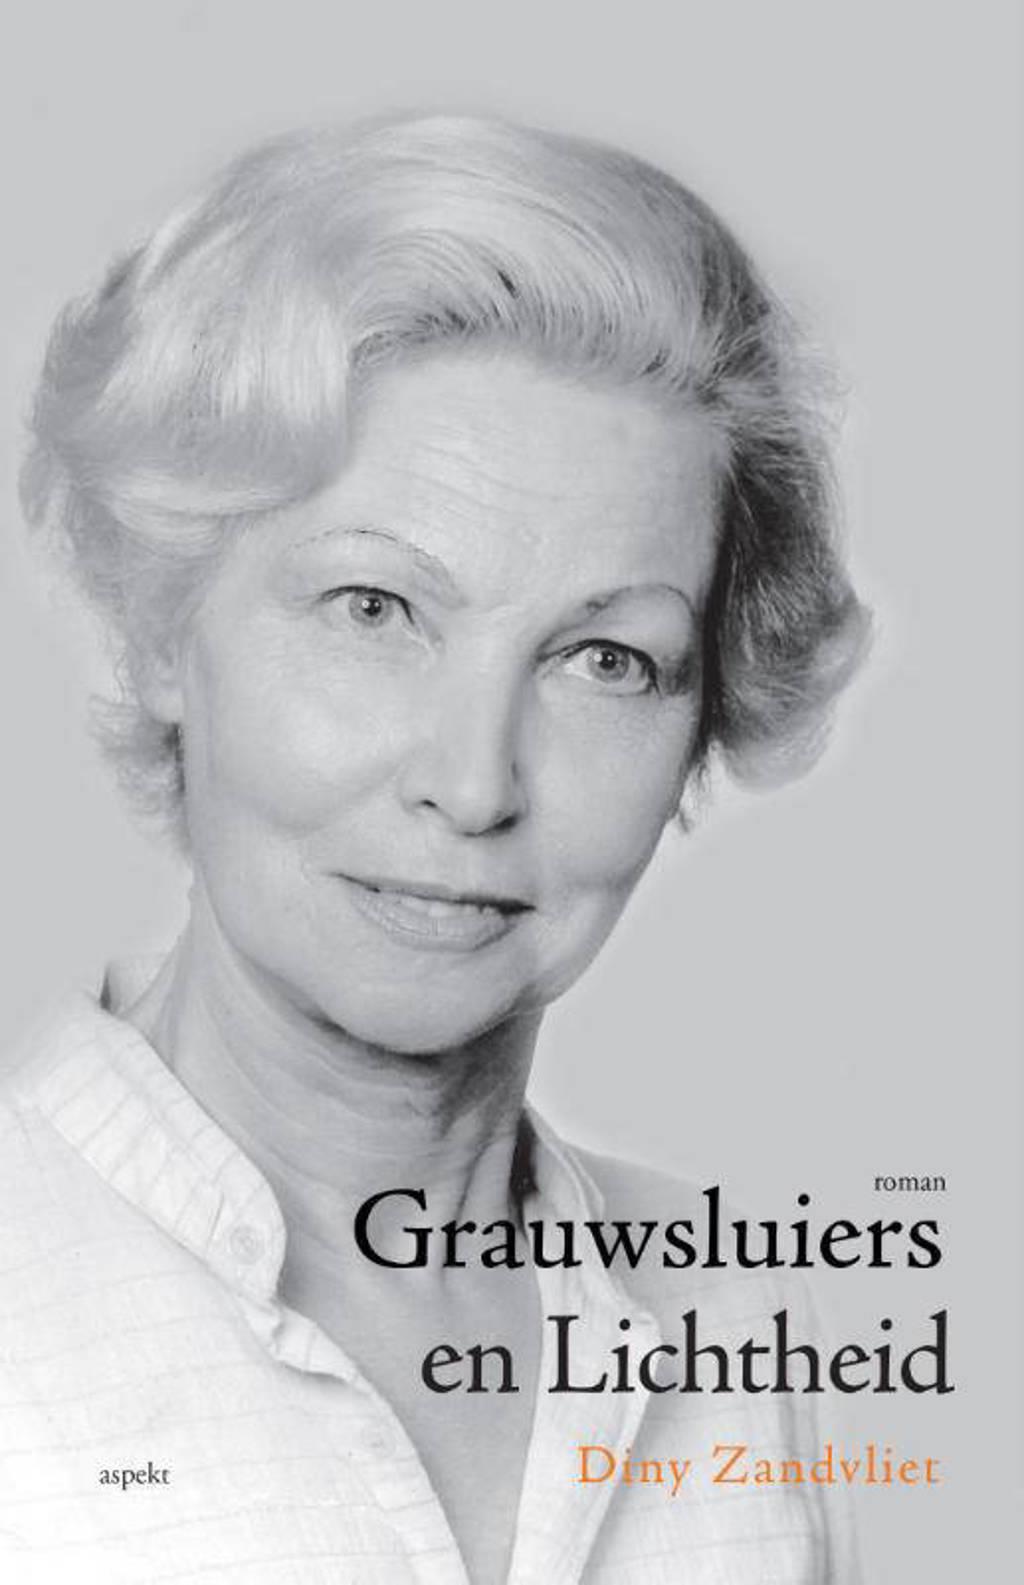 Grauwsluiers en lichtheid - Diny Zandvliet